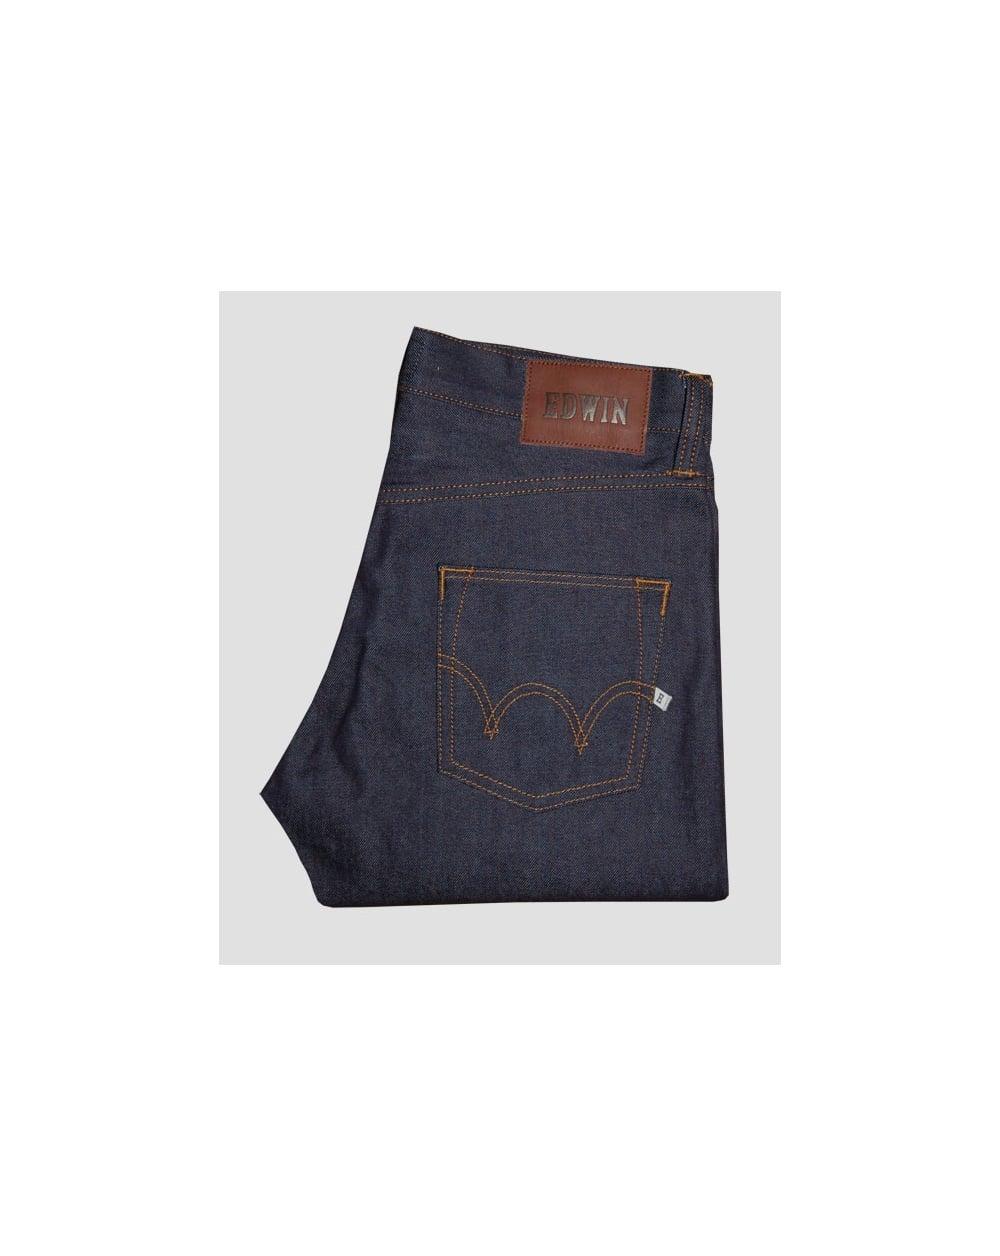 huge sale da858 fa37e Edwin Ed55 Jeans Compact Indigo Denim Navy